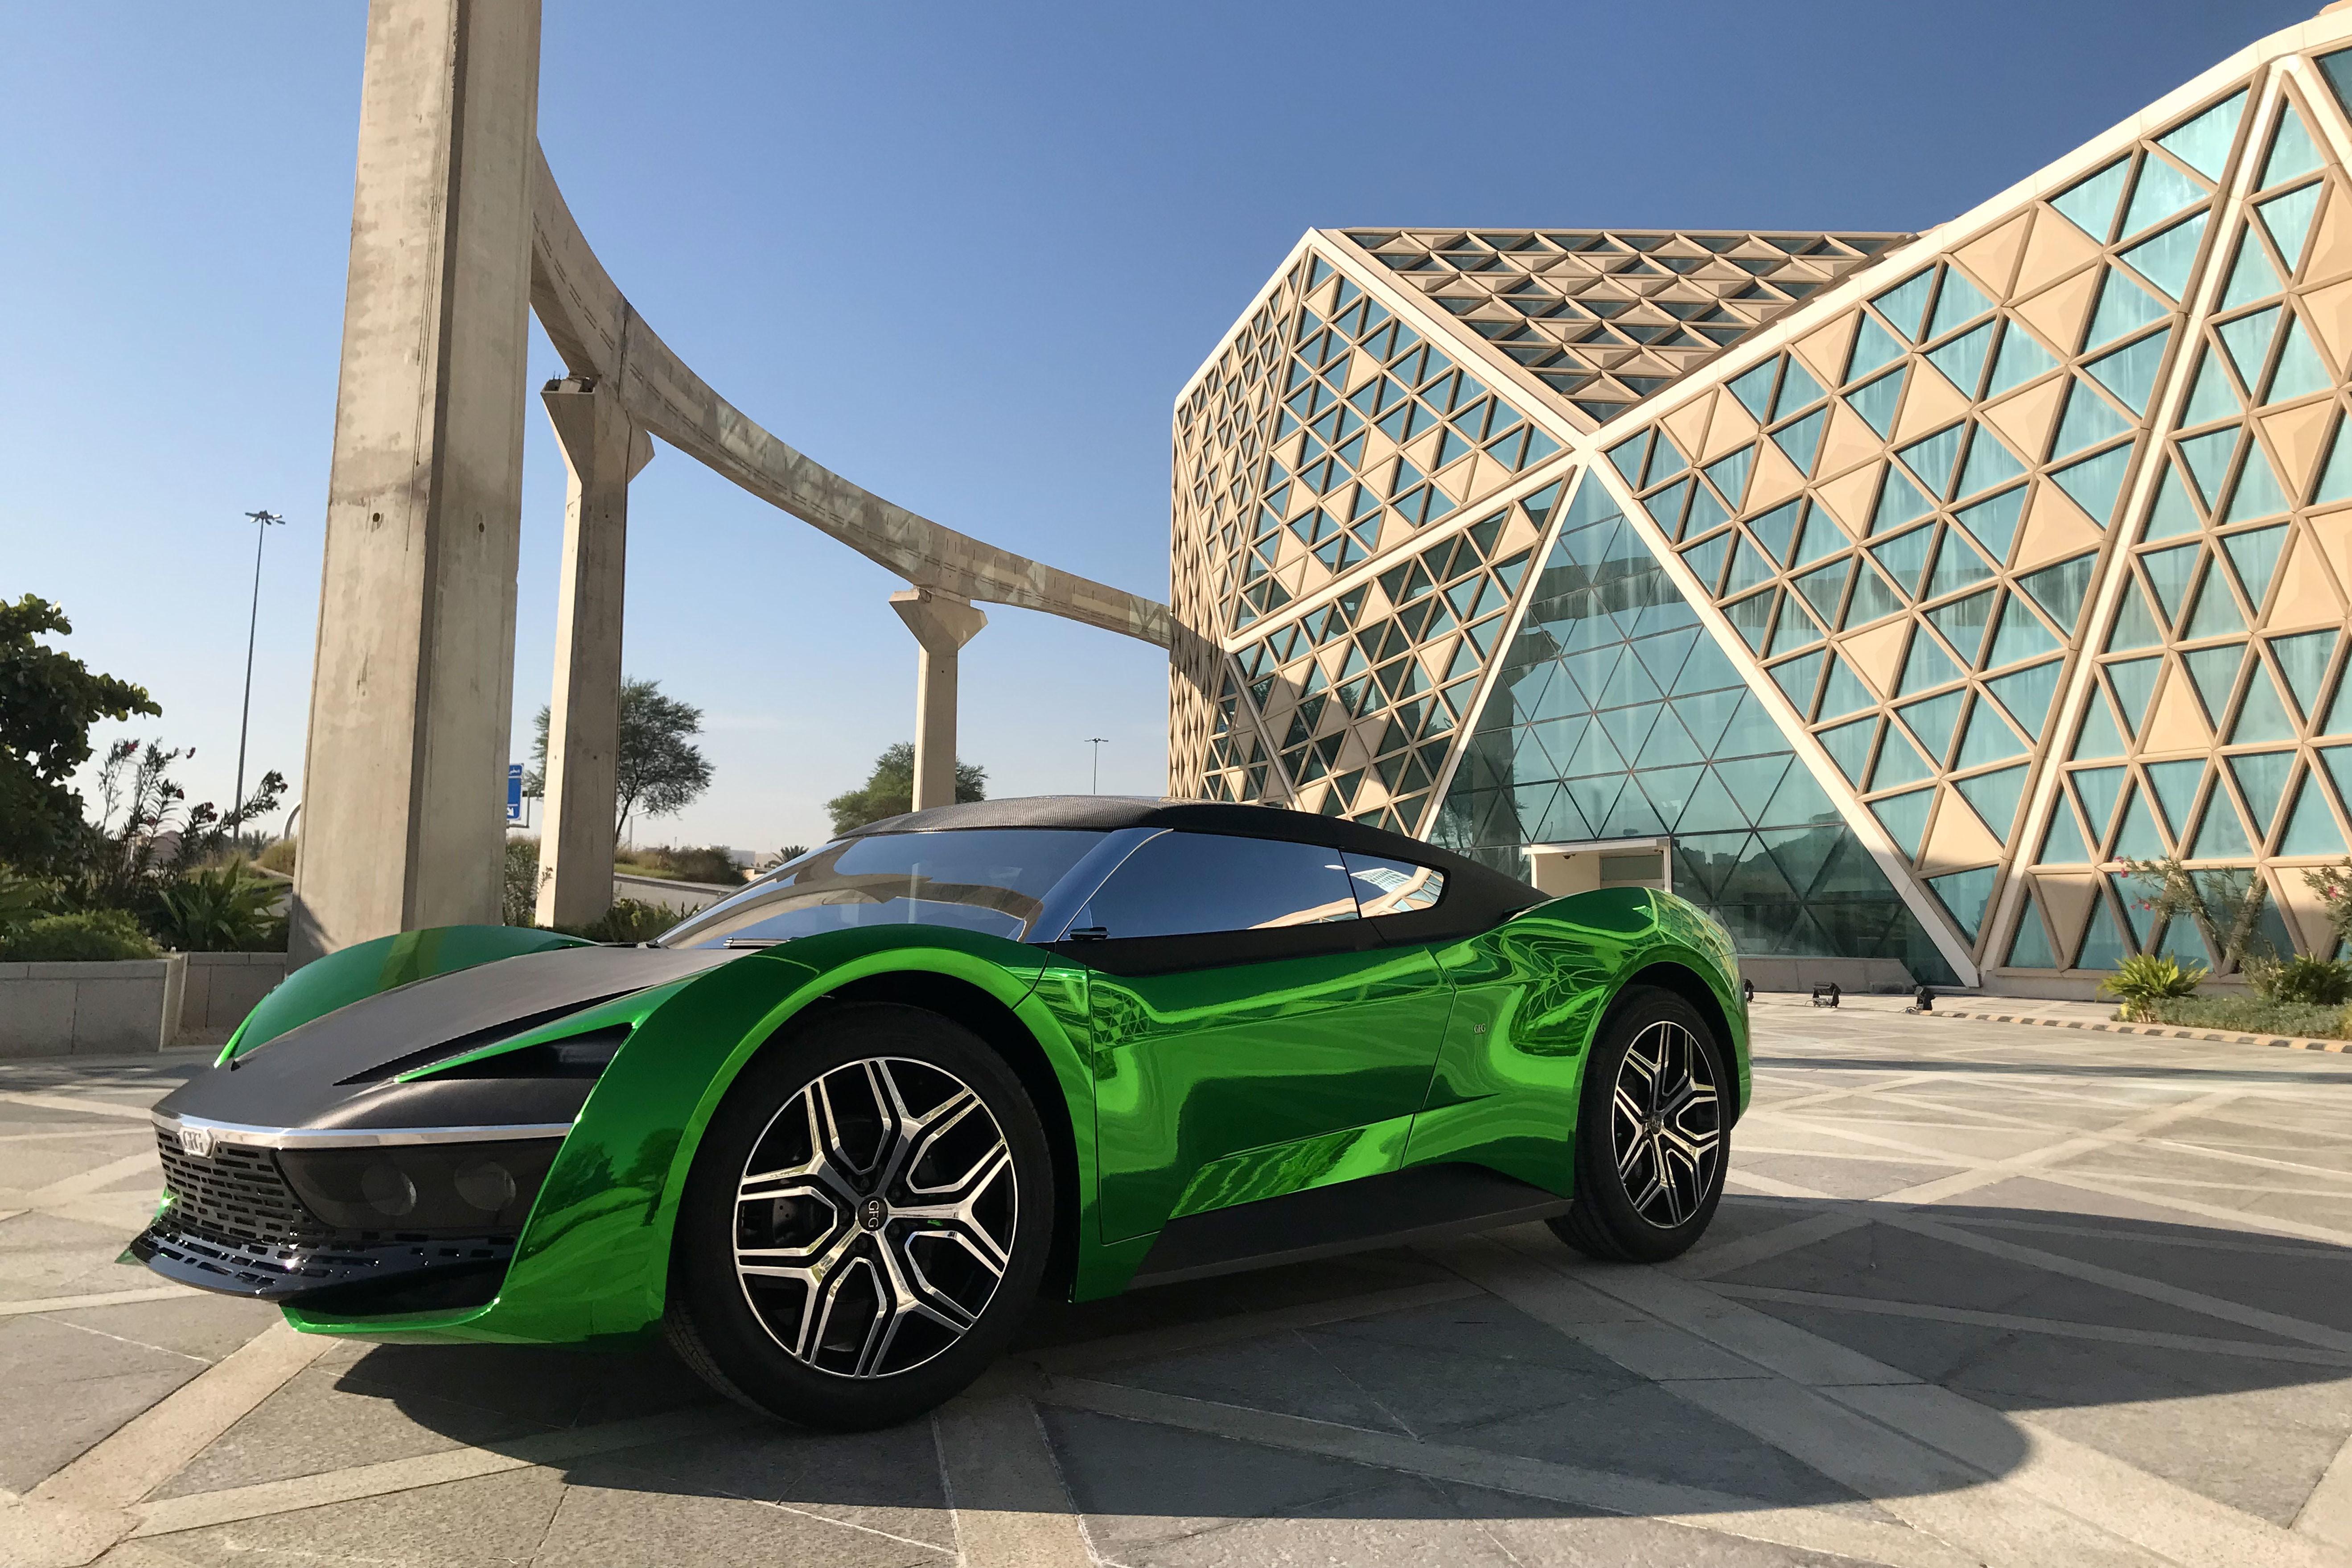 """GFG Style 2030 è laconcept car dedicata all'Arabia Saudita (""""2030"""" è il nome del programma verso un progresso ecosostenibile) e progettatadalla GFC, la nuova società di desing di Giorgetto Giugiaro e di suo figlio Fabrizio.Il prototipo, un SUV elettrico a 4 ruote motrici,è stato mostrato a Riad il 21 novembre e sarà presentato ufficialmente al salone dell'auto di Ginevra nel marzo del 2020."""